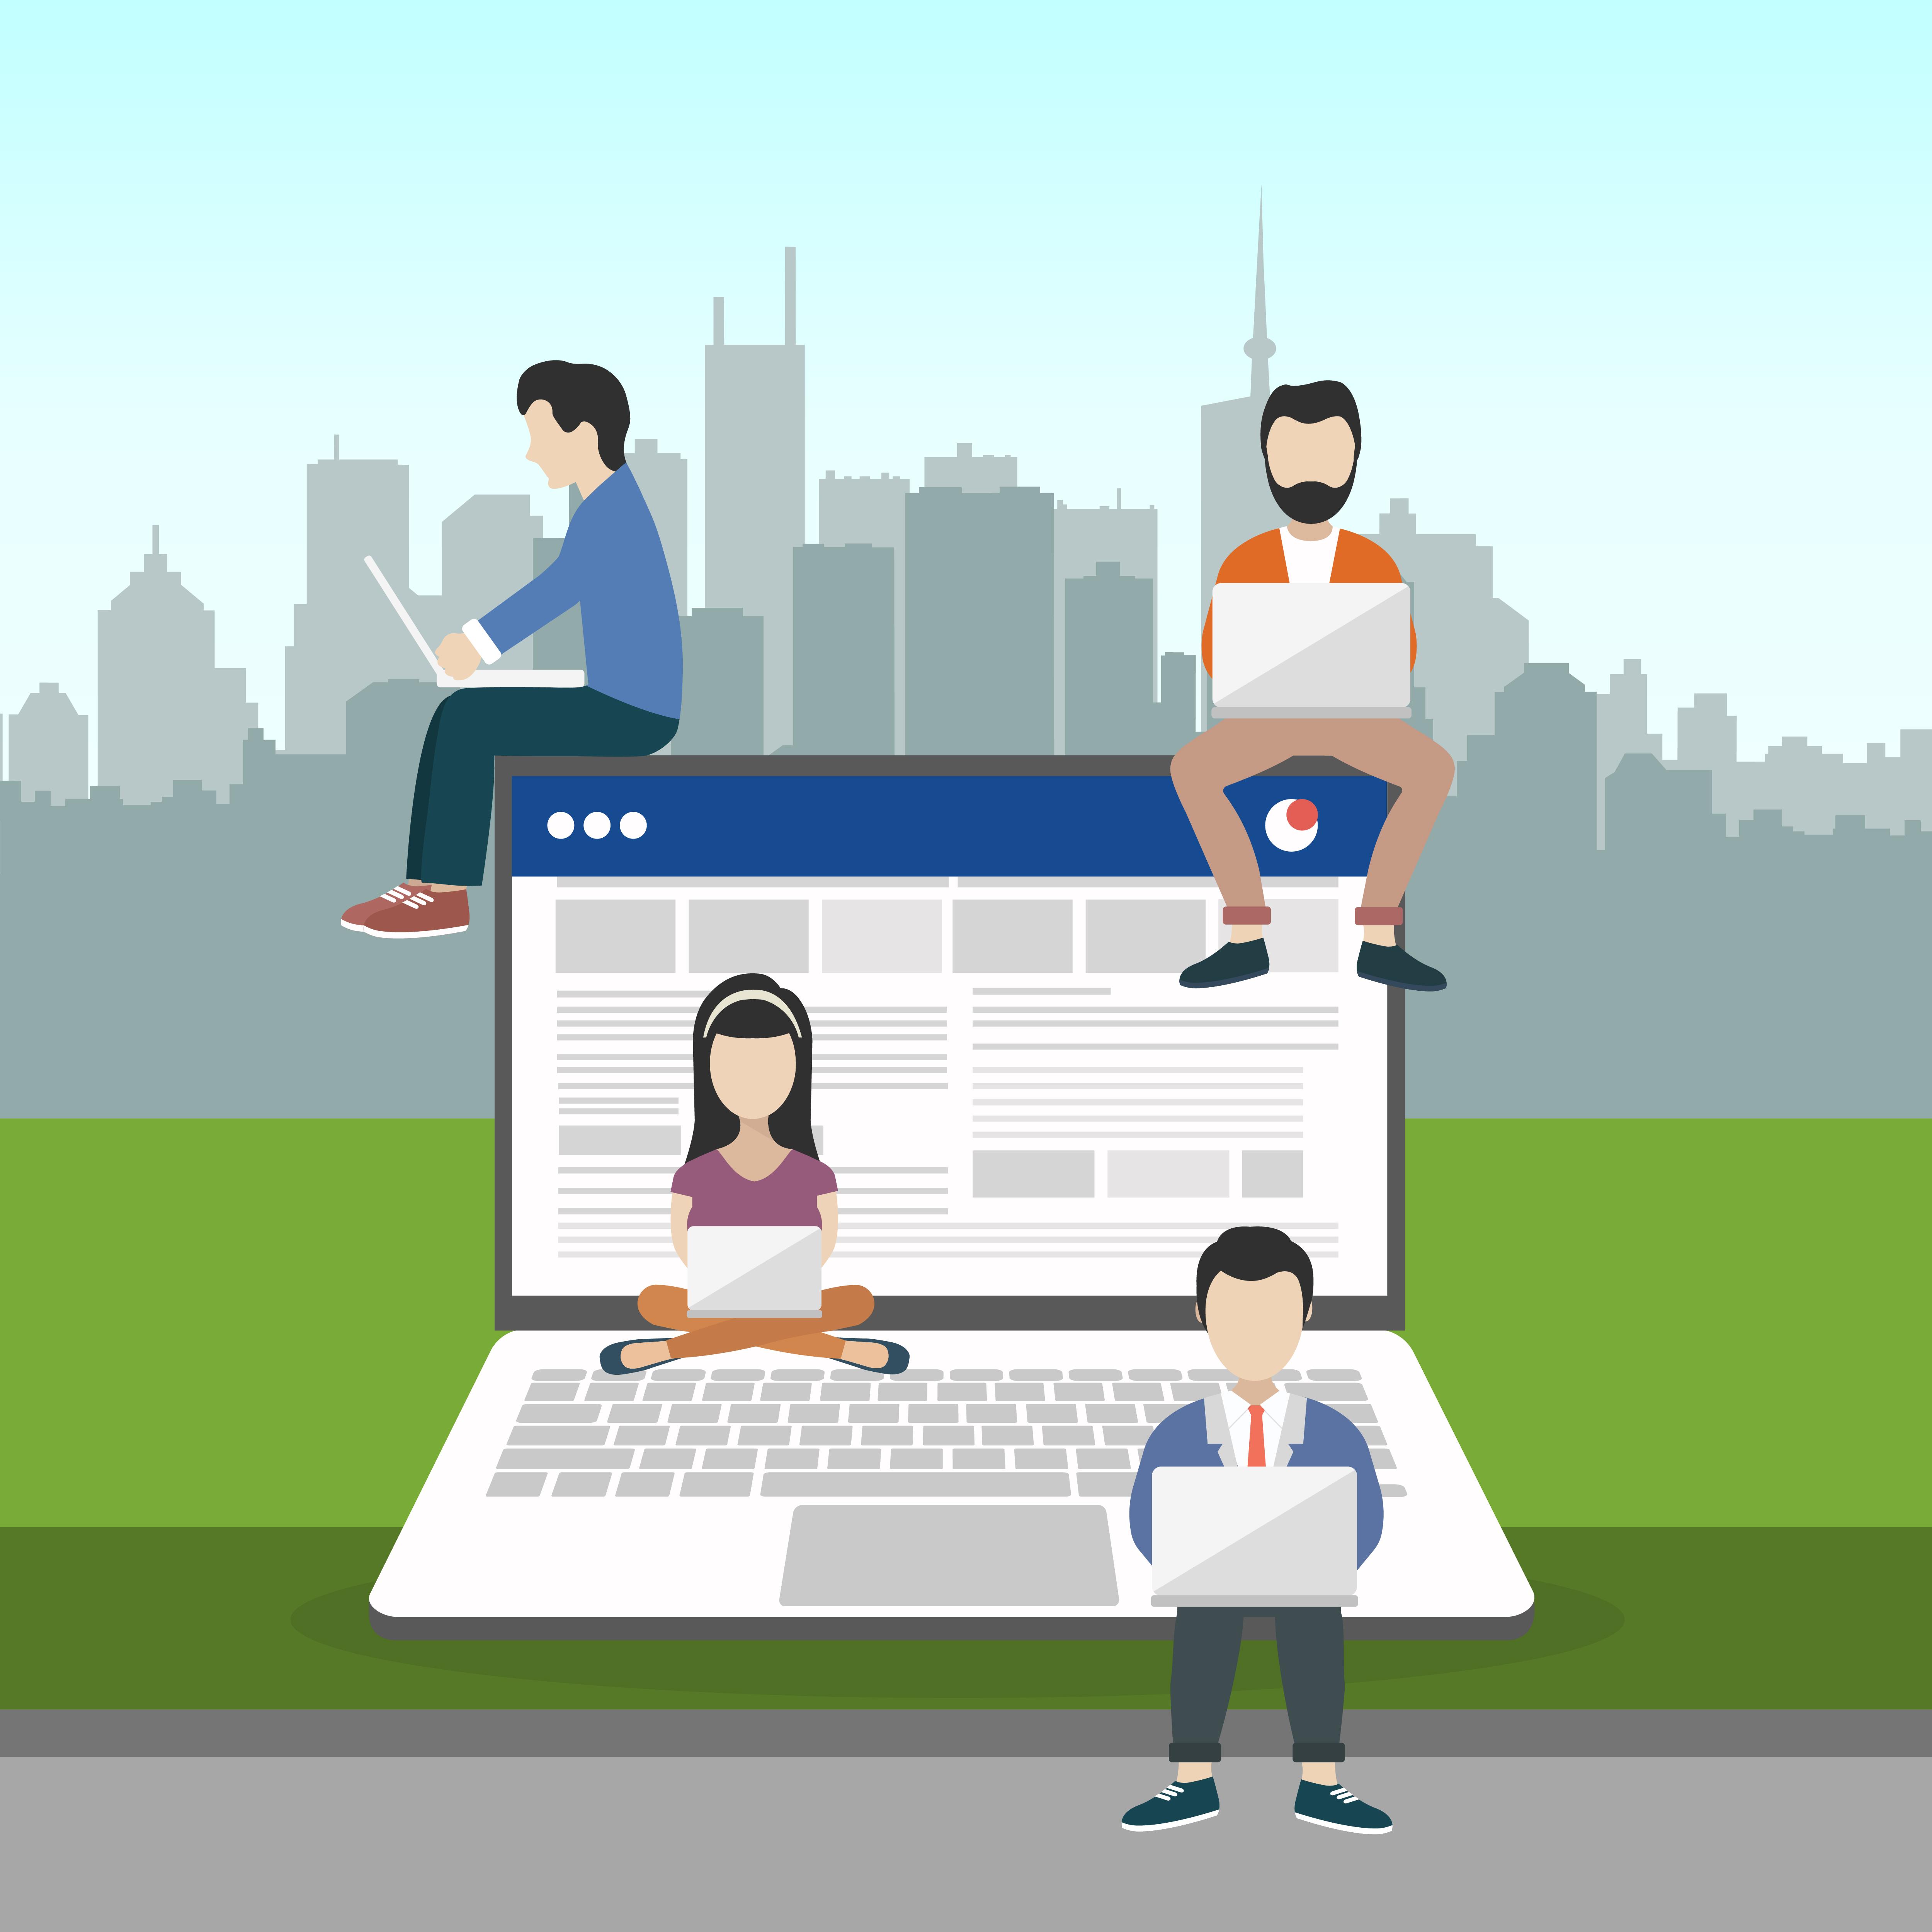 Principios básicos para una buena reputación profesional online